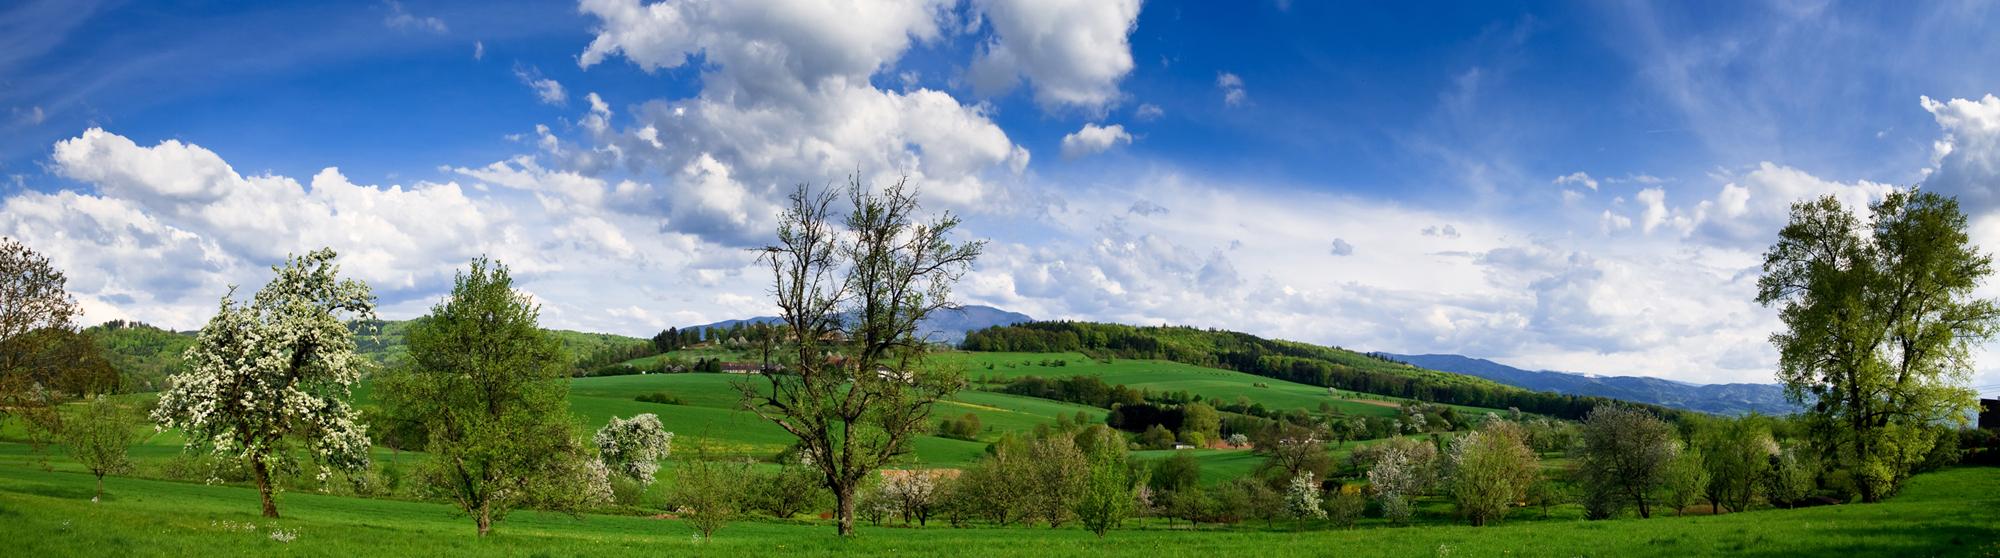 regio-schwarzwald